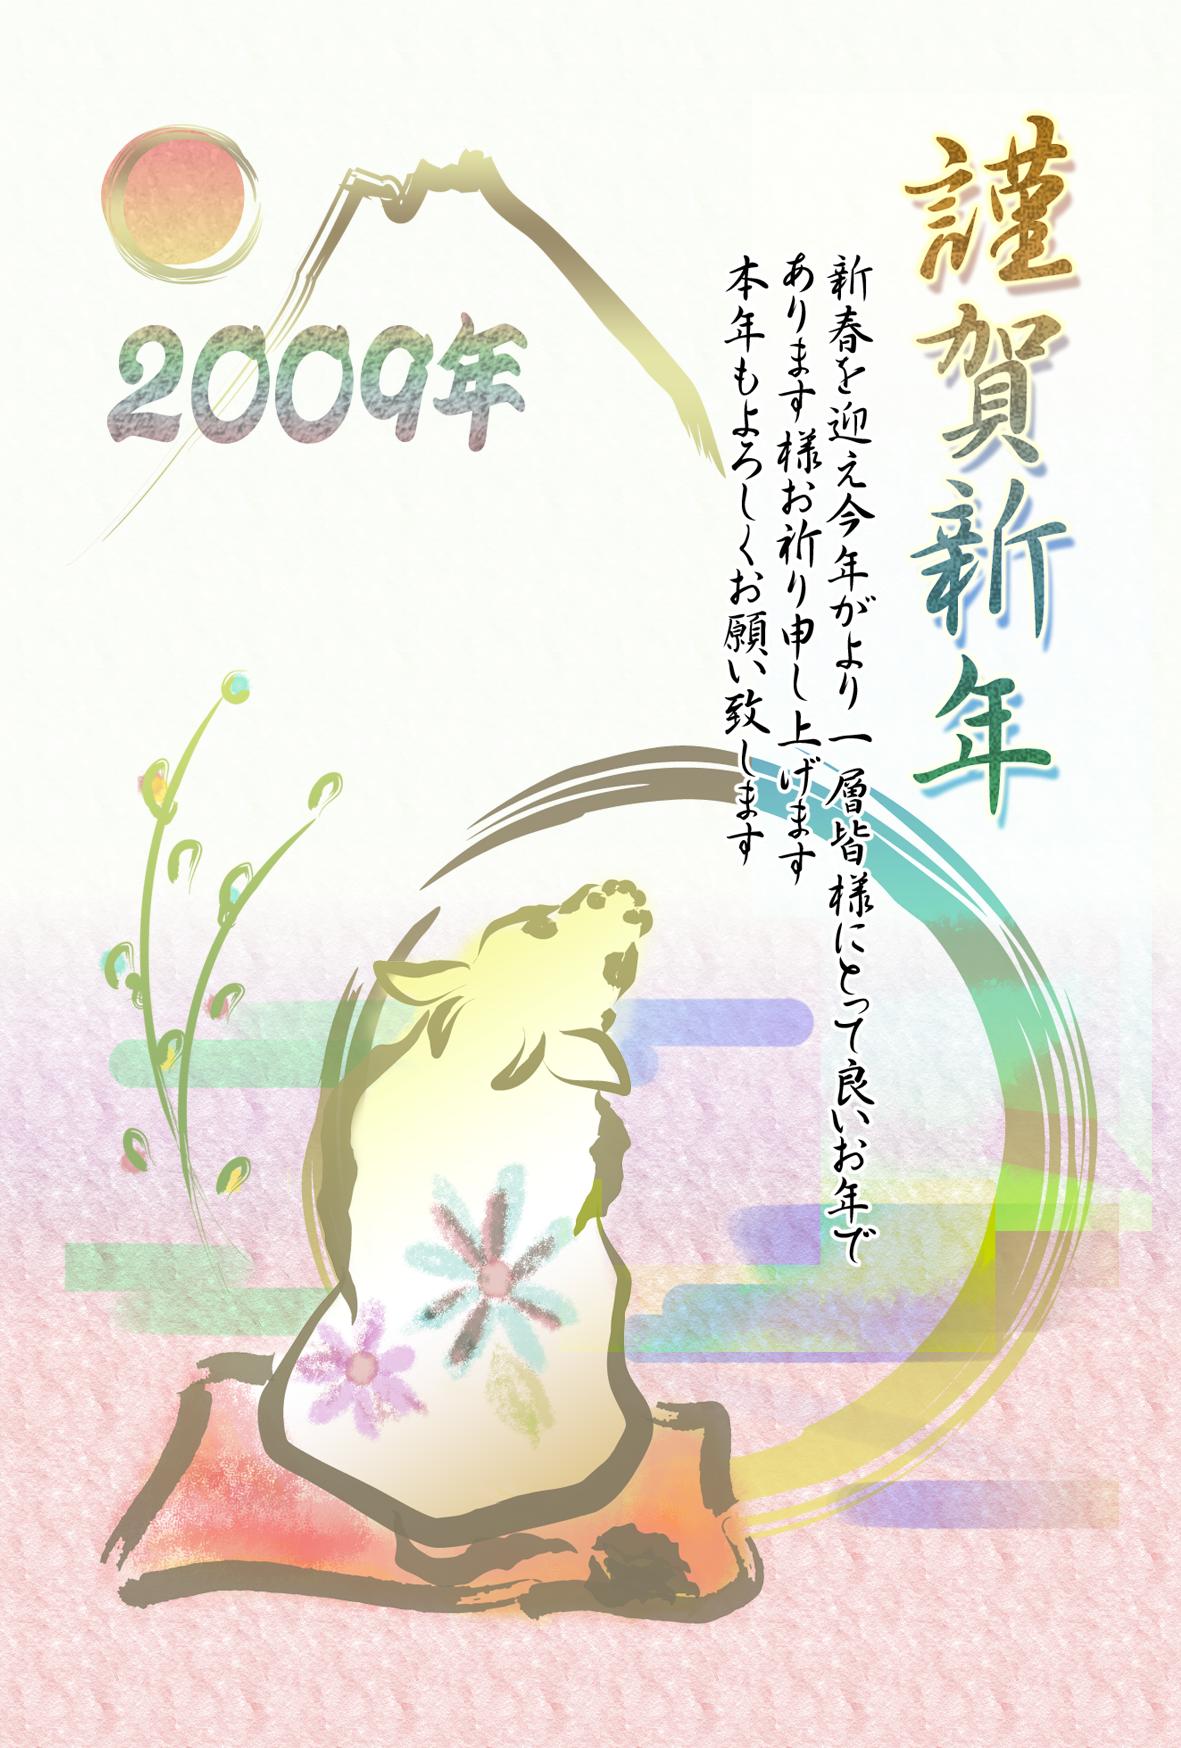 """画像 : 【2015年年賀状】ビジネス・大人向け """"堅め""""の年賀状テンプレート"""